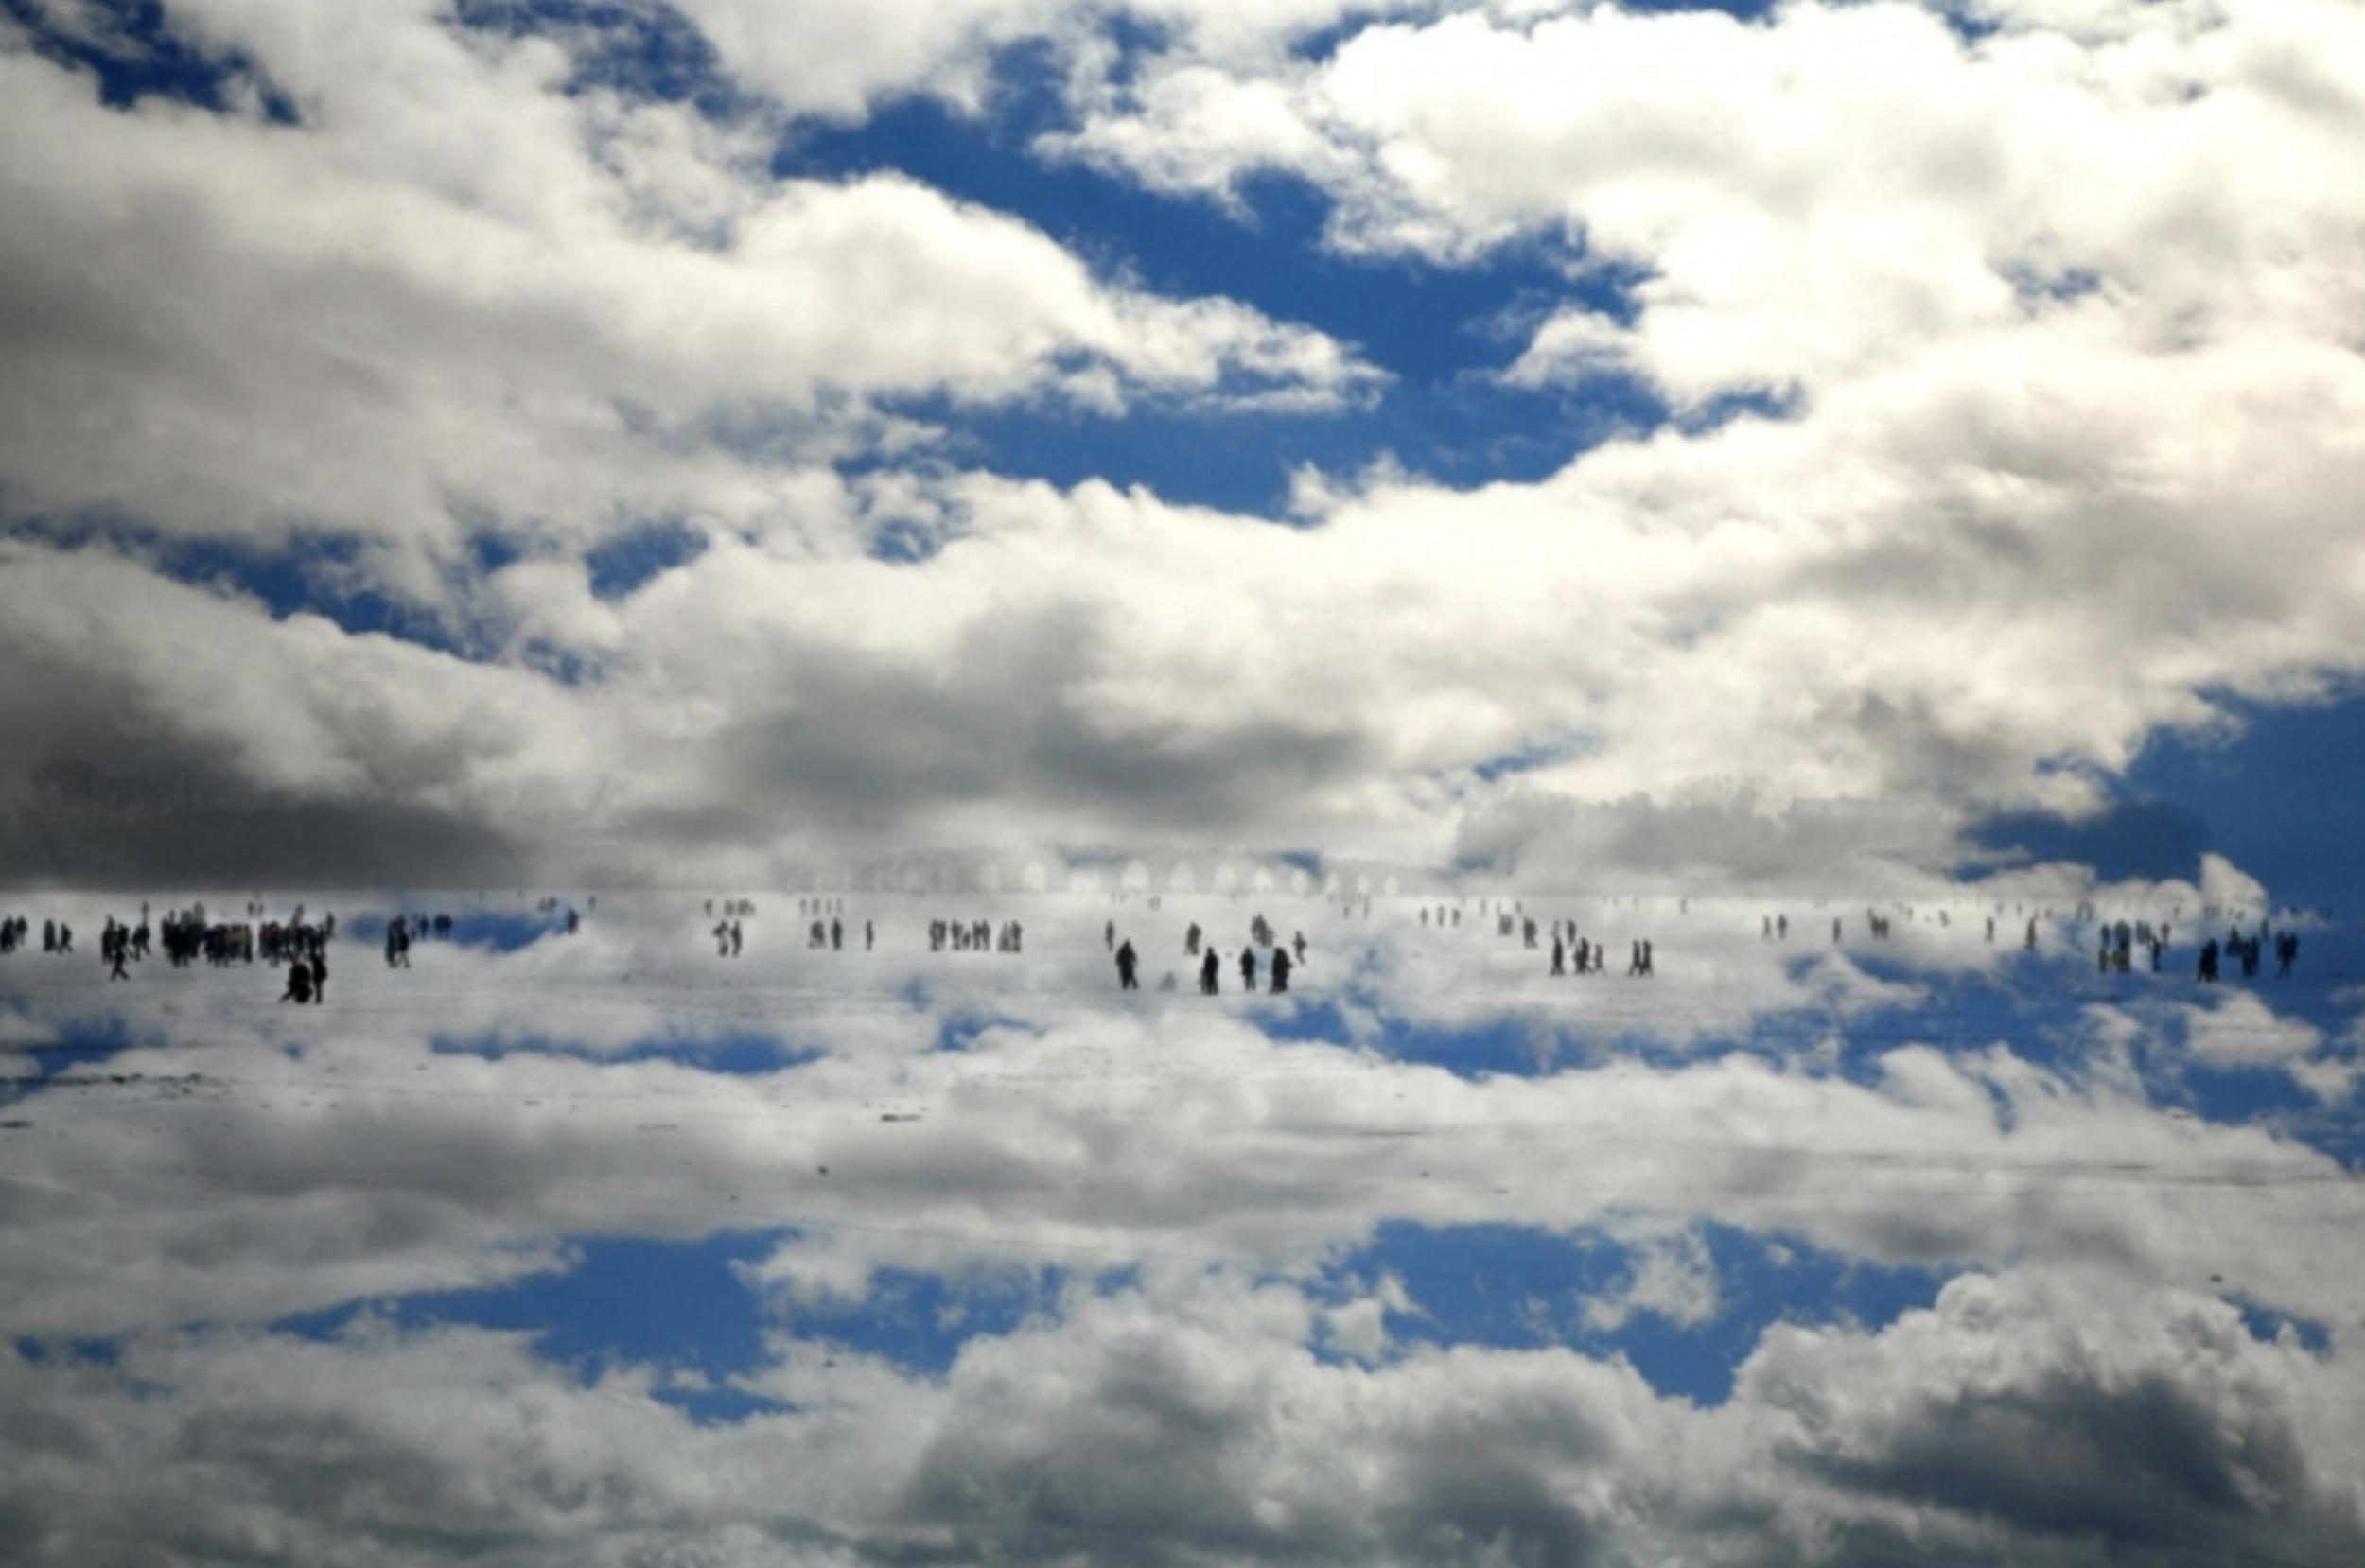 """Título:  """"Los paseantes I"""", 2007   Autor:  Cuico Gutiérrez  Técnica:  Fotografía 120 x 170 cm"""